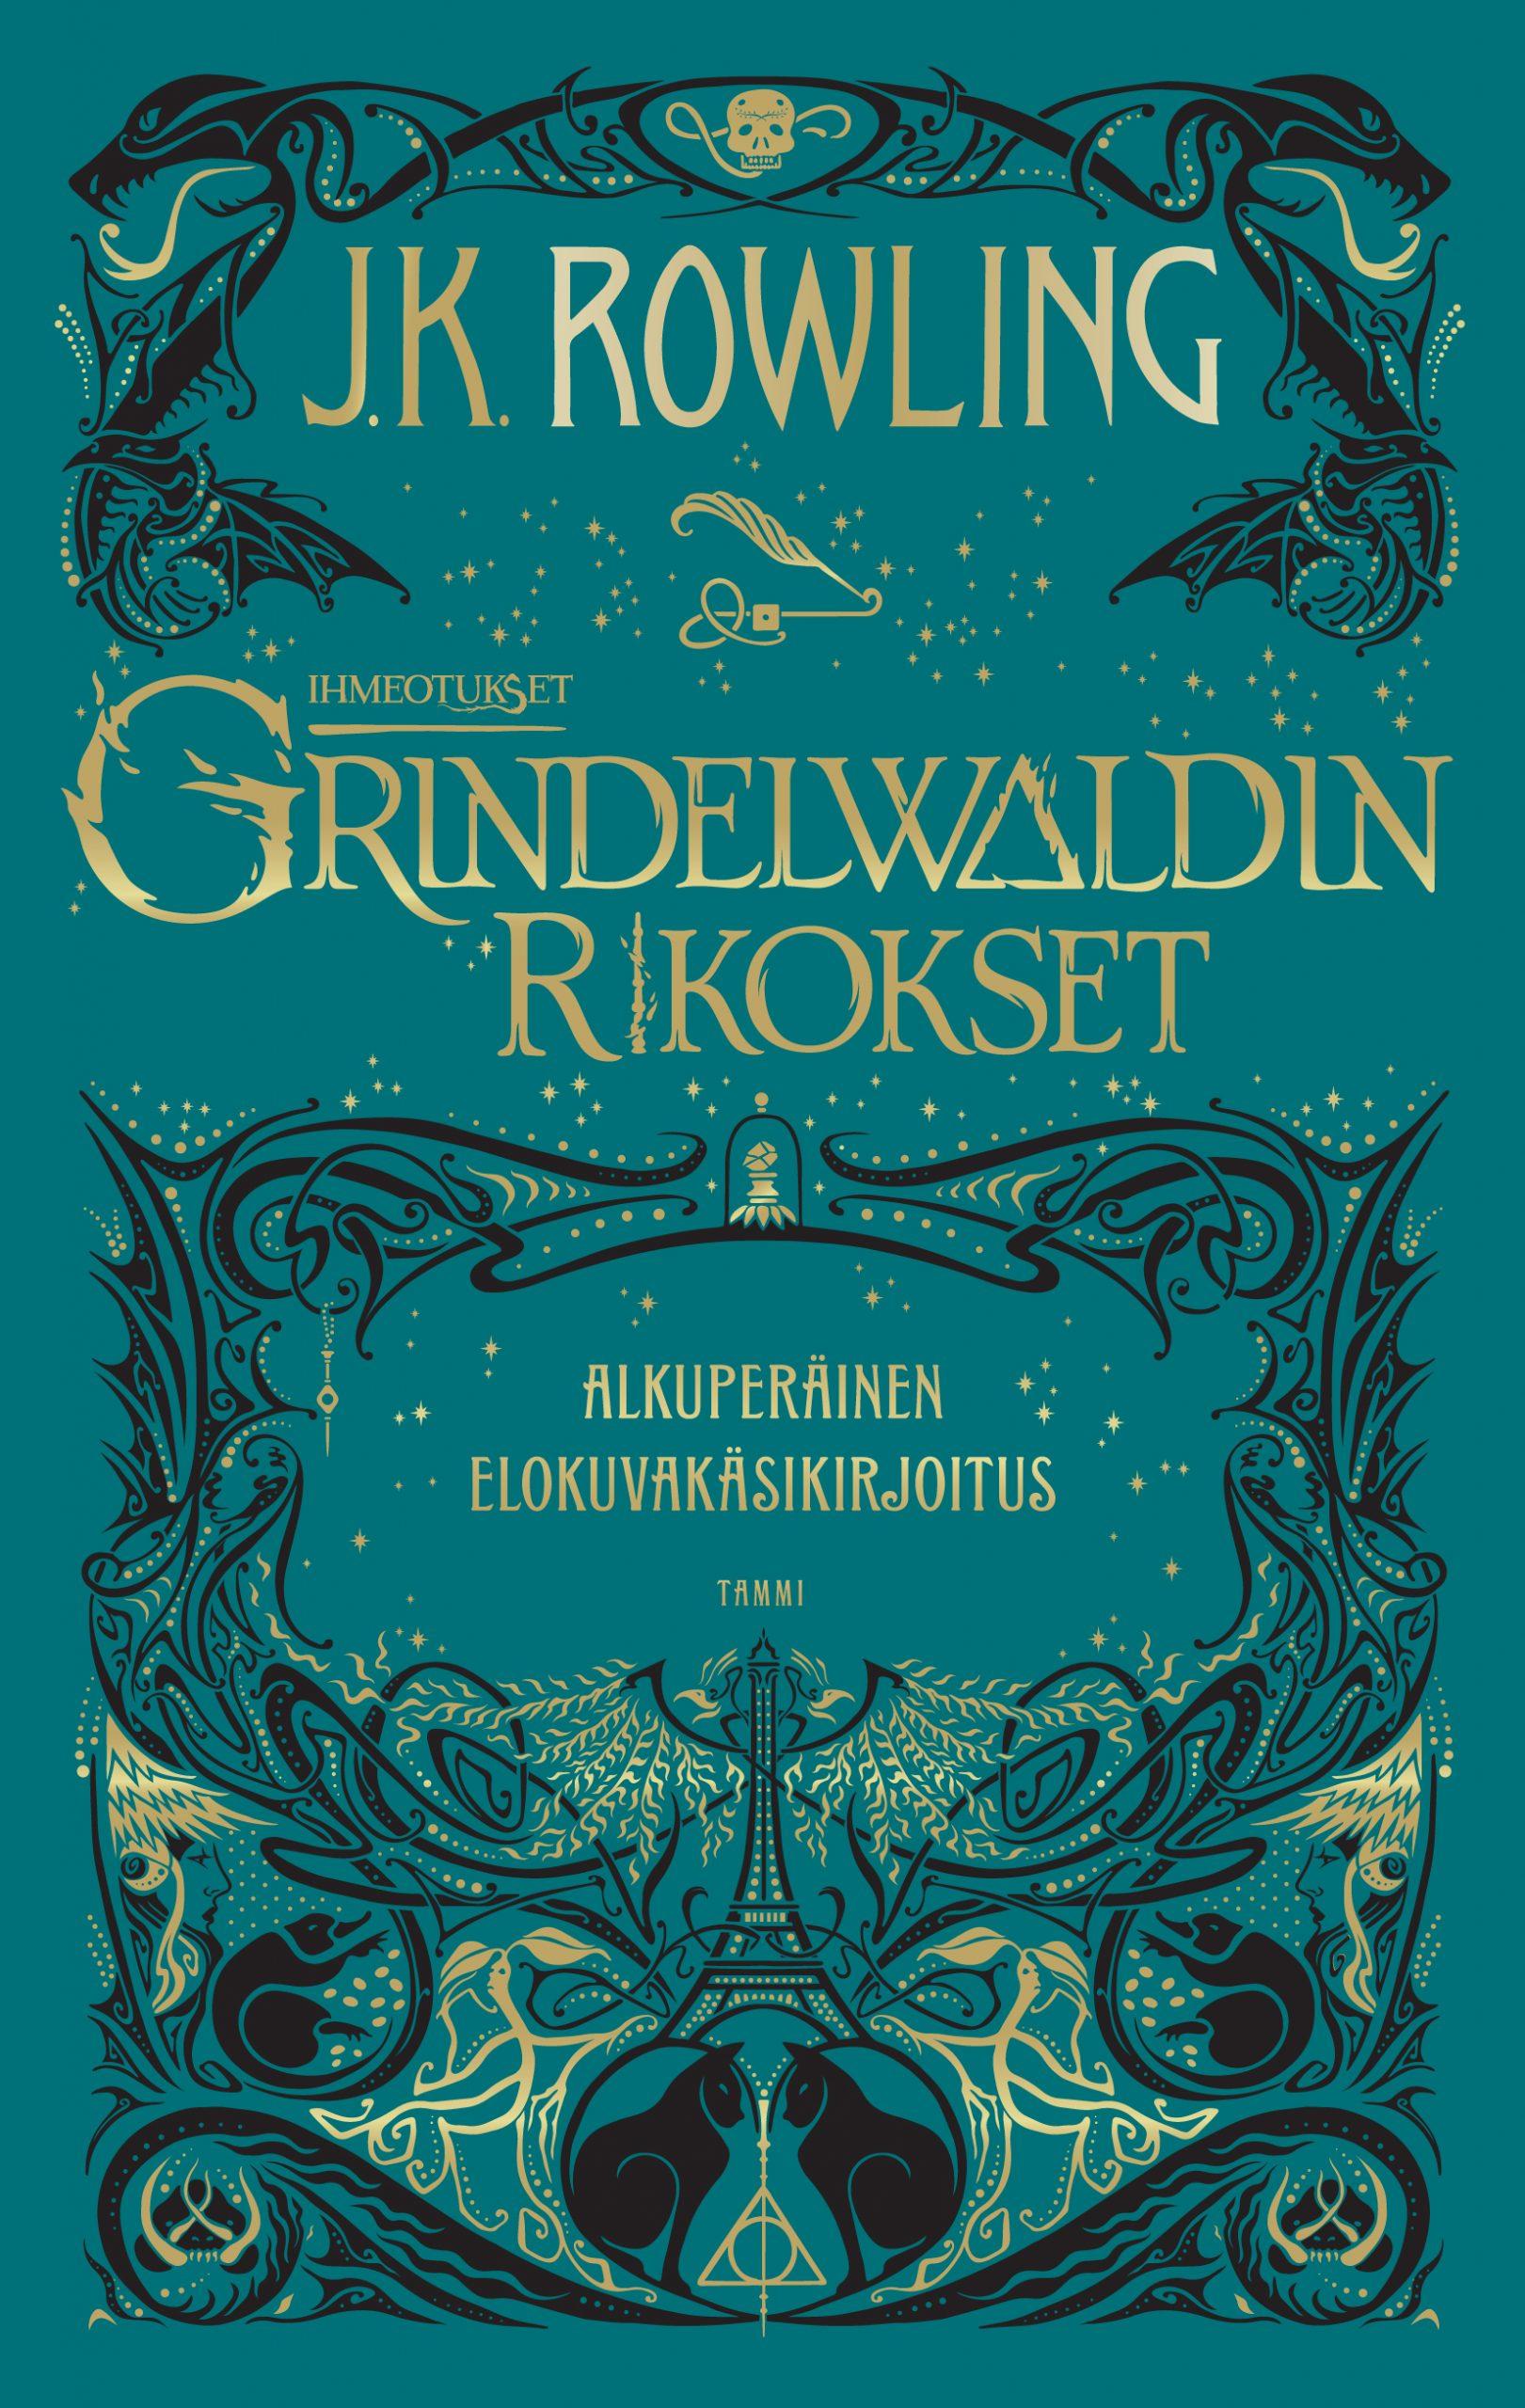 Ihmeotukset: Grindelwaldin Rikokset Rooleissa